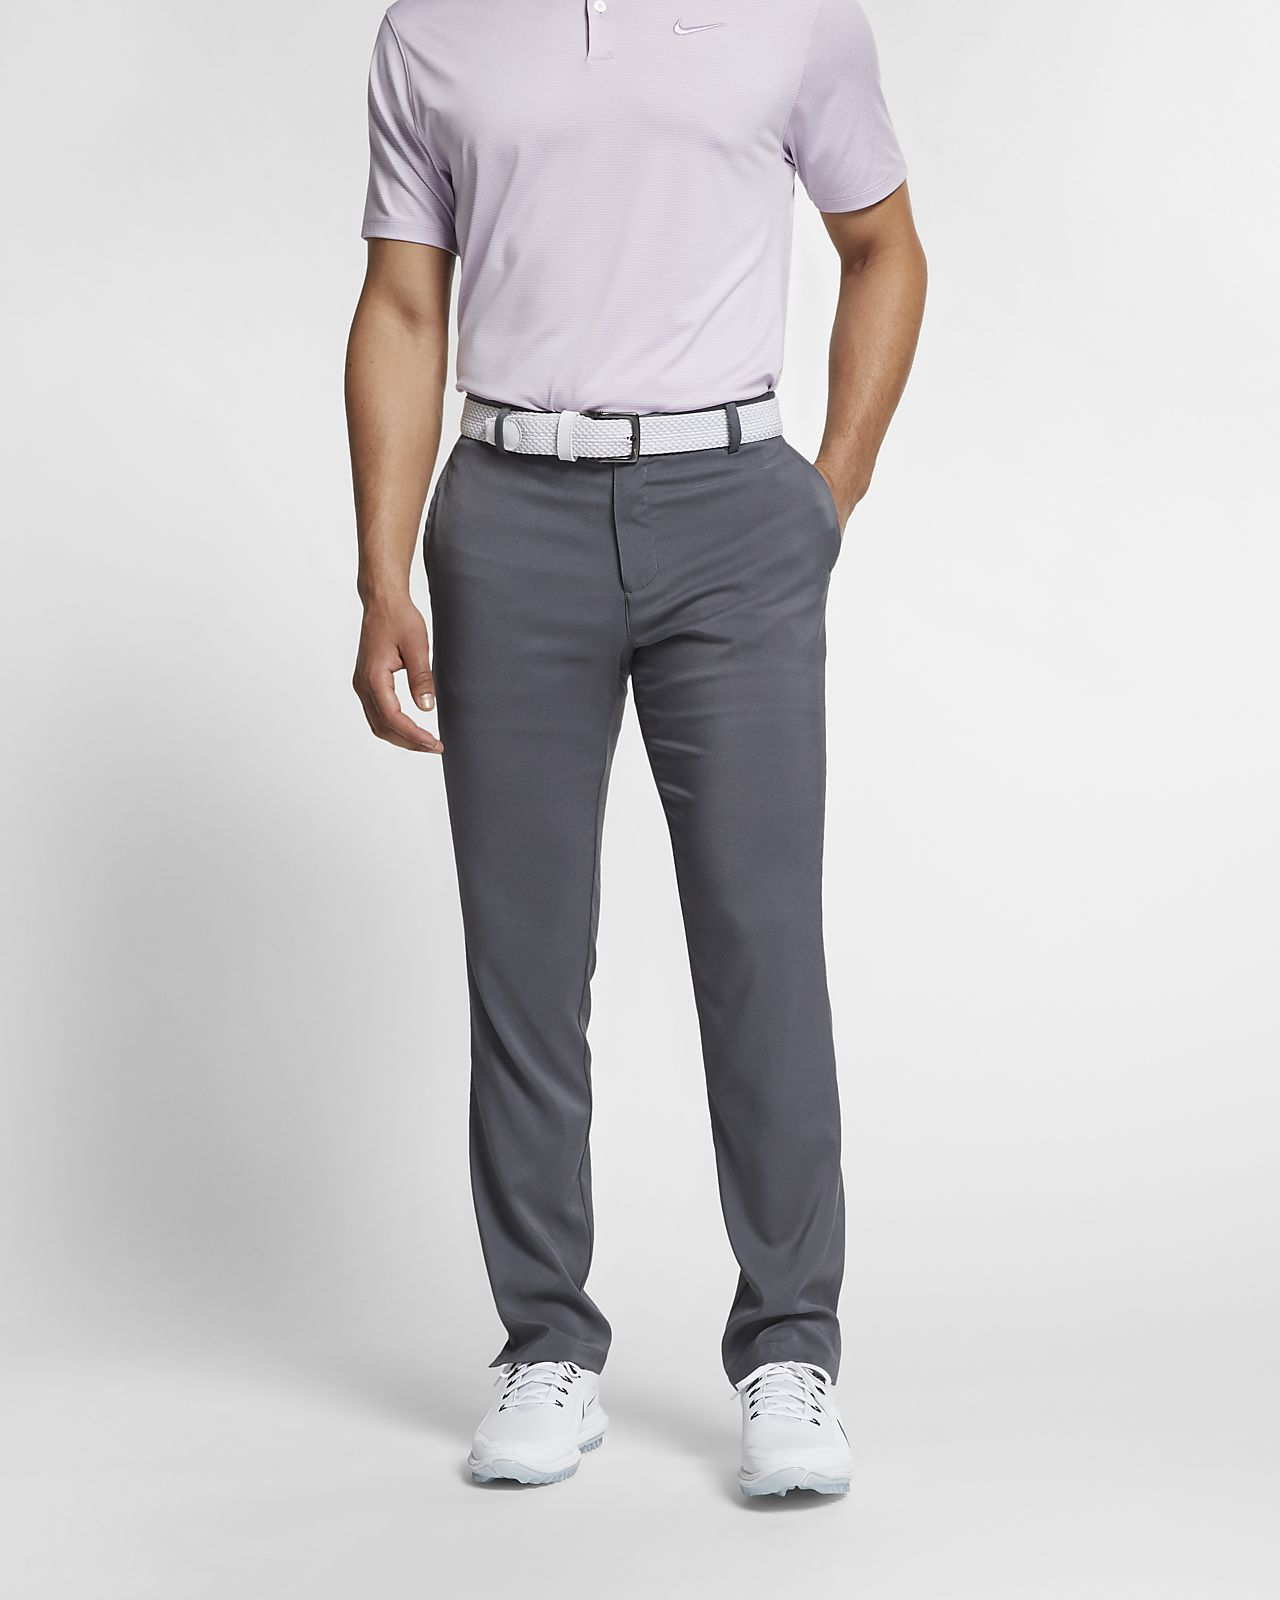 Nike Flex Pantalons de golf - Home